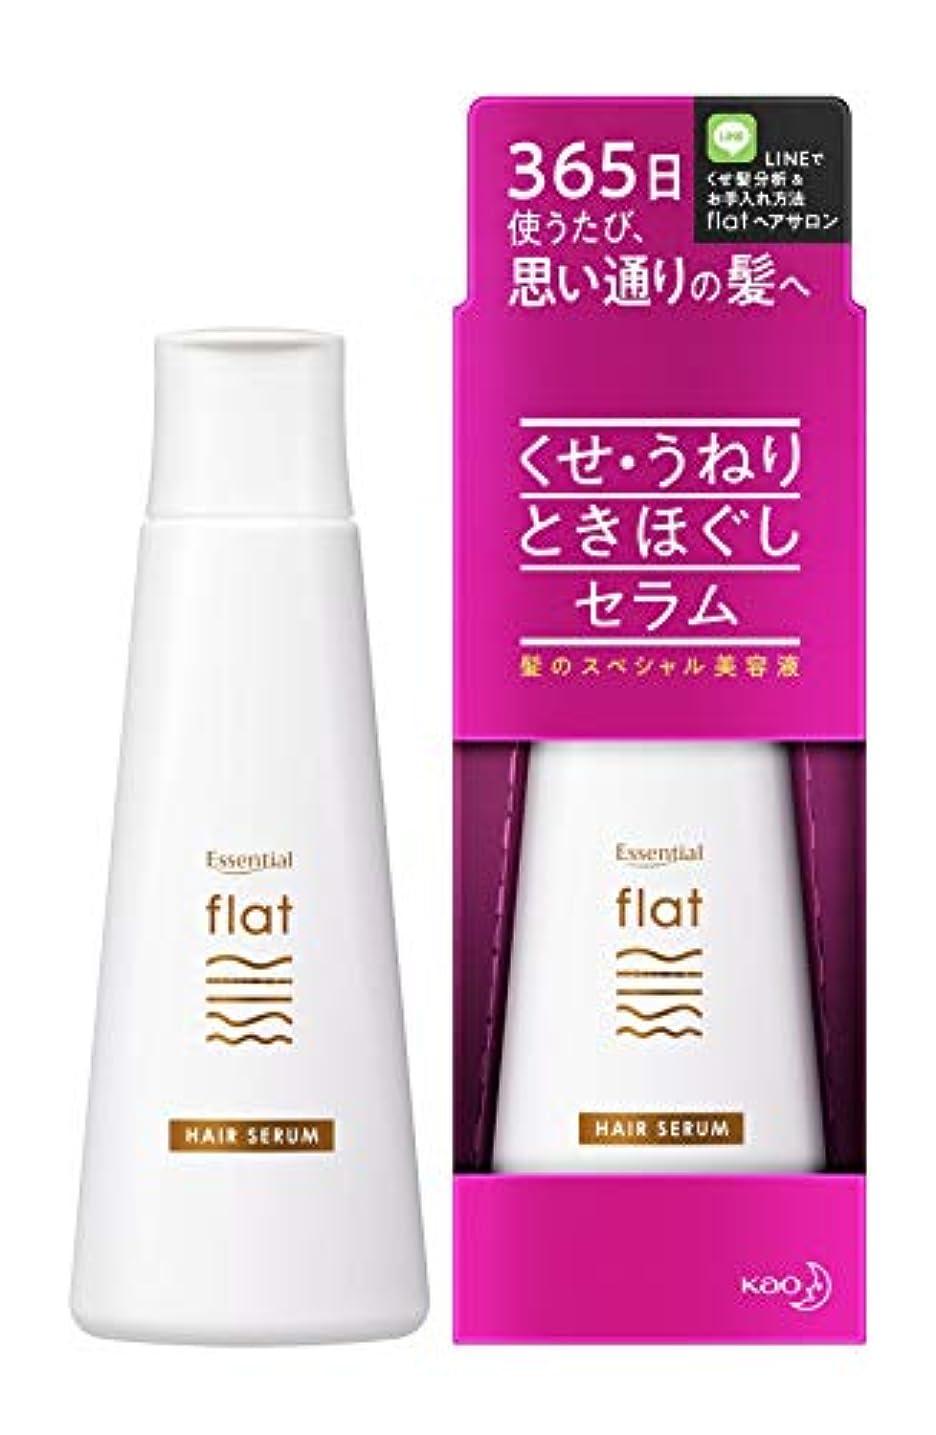 説明する意外肌寒いflat(フラット) エッセンシャル フラット セラム くせ毛 うねり髪 ときほぐし 毛先 まとまる ストレートヘア 洗い流さない トリートメント ときほぐし成分配合(整髪成分) 120ml ホワイトフローラルの香り